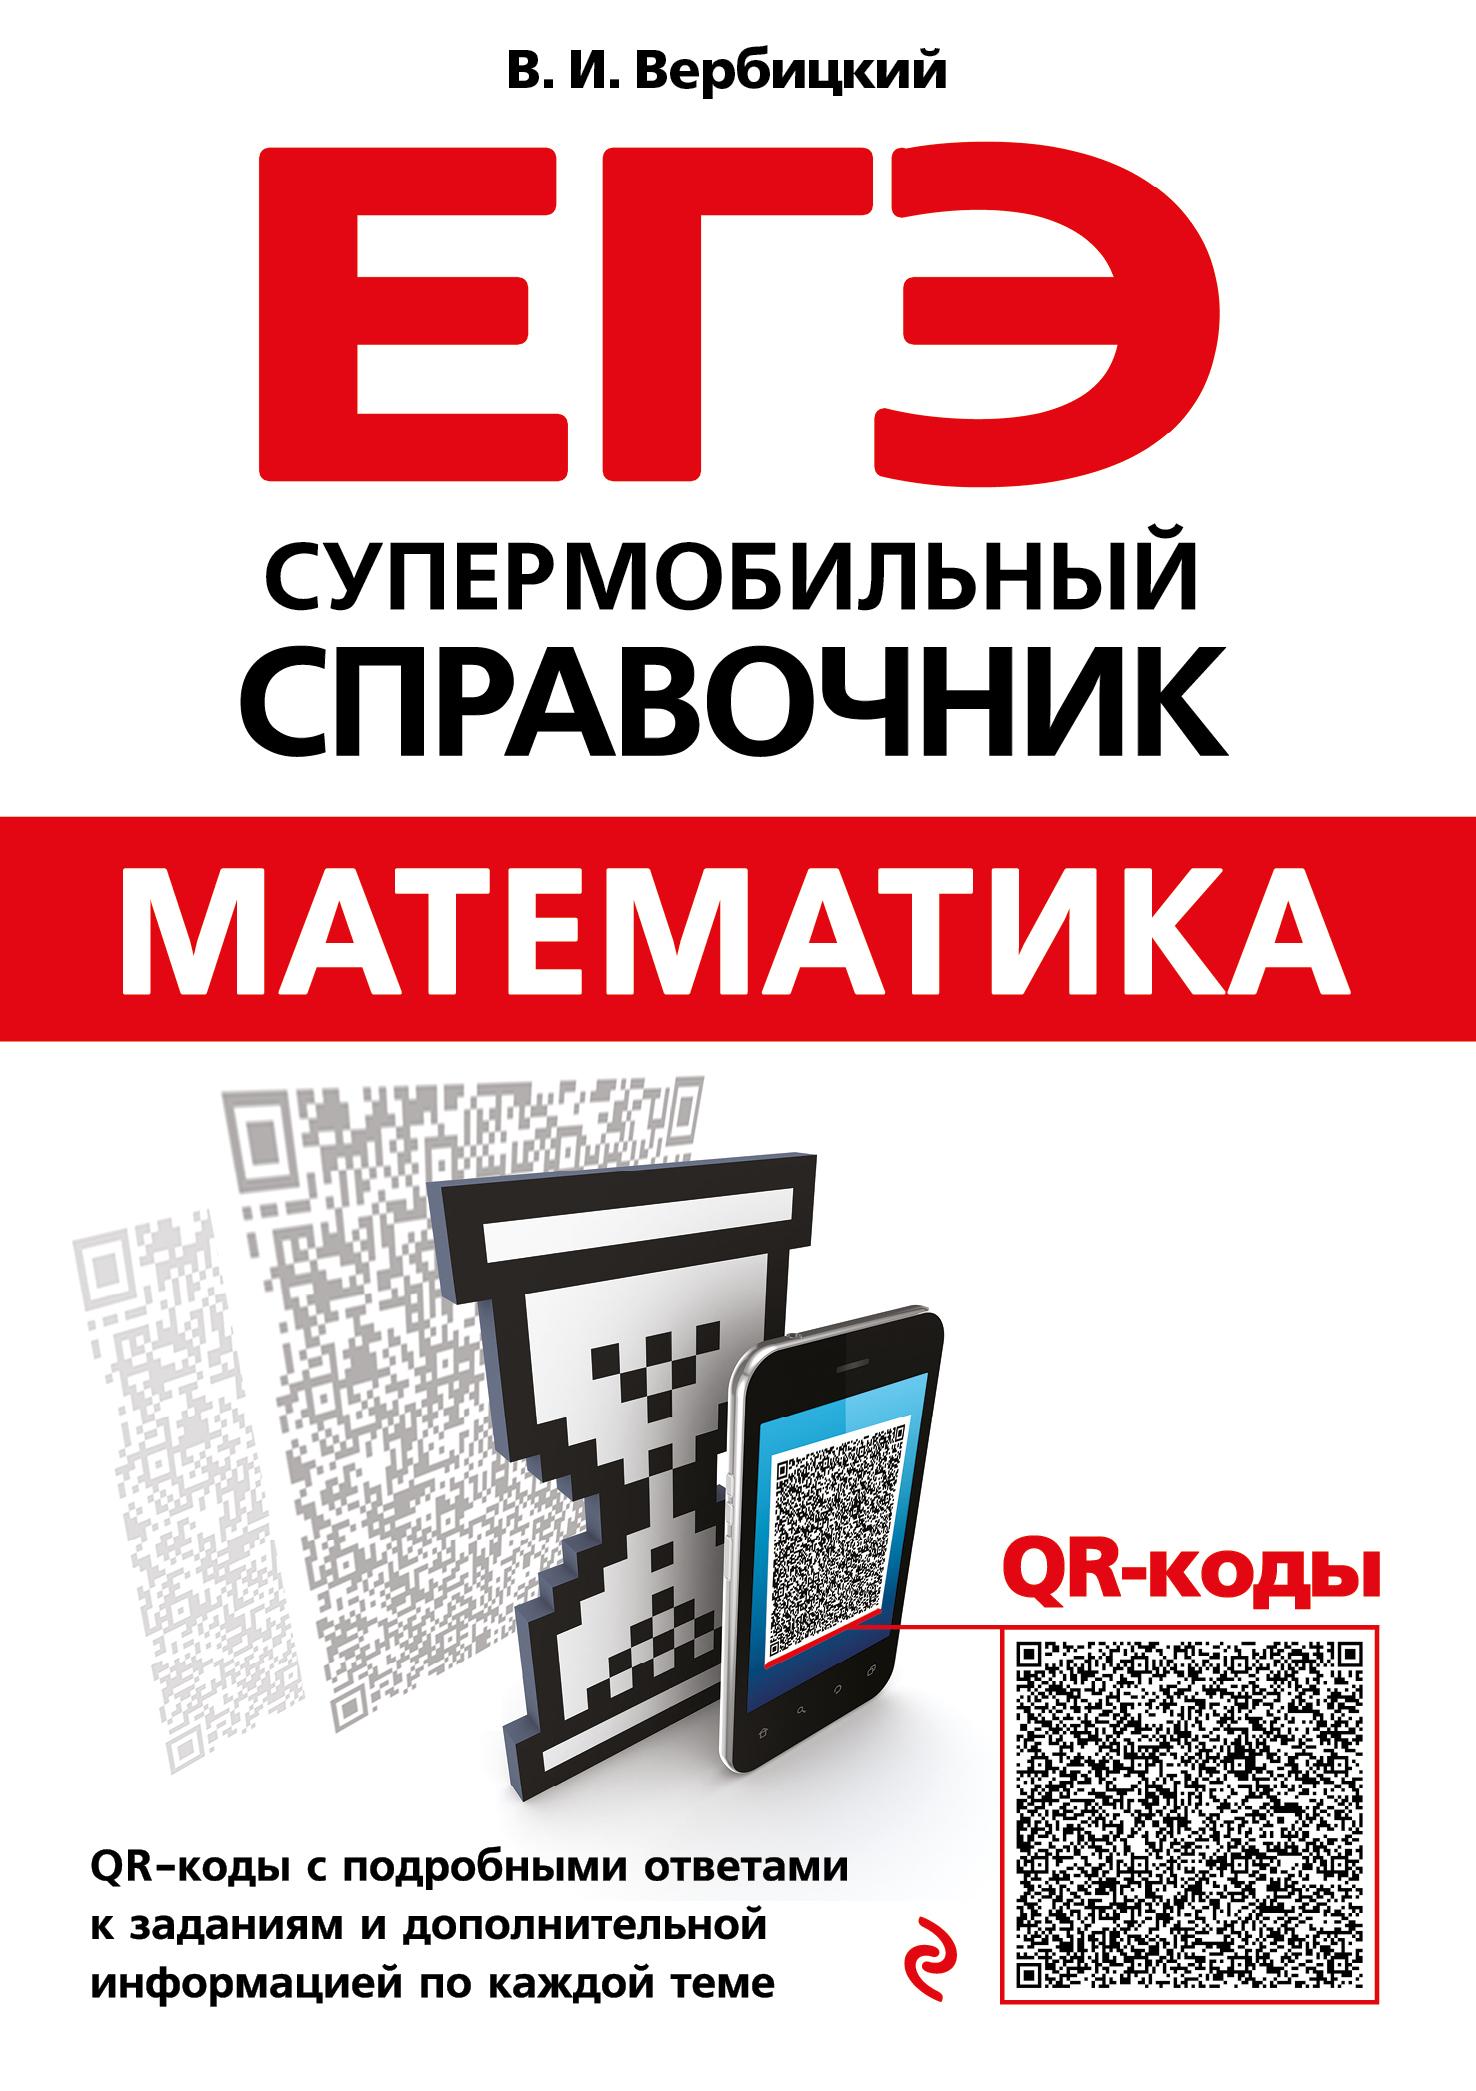 вербицкий в математика краткая теоретическая информация материалы для подготовки к егэ В. И. Вербицкий Математика